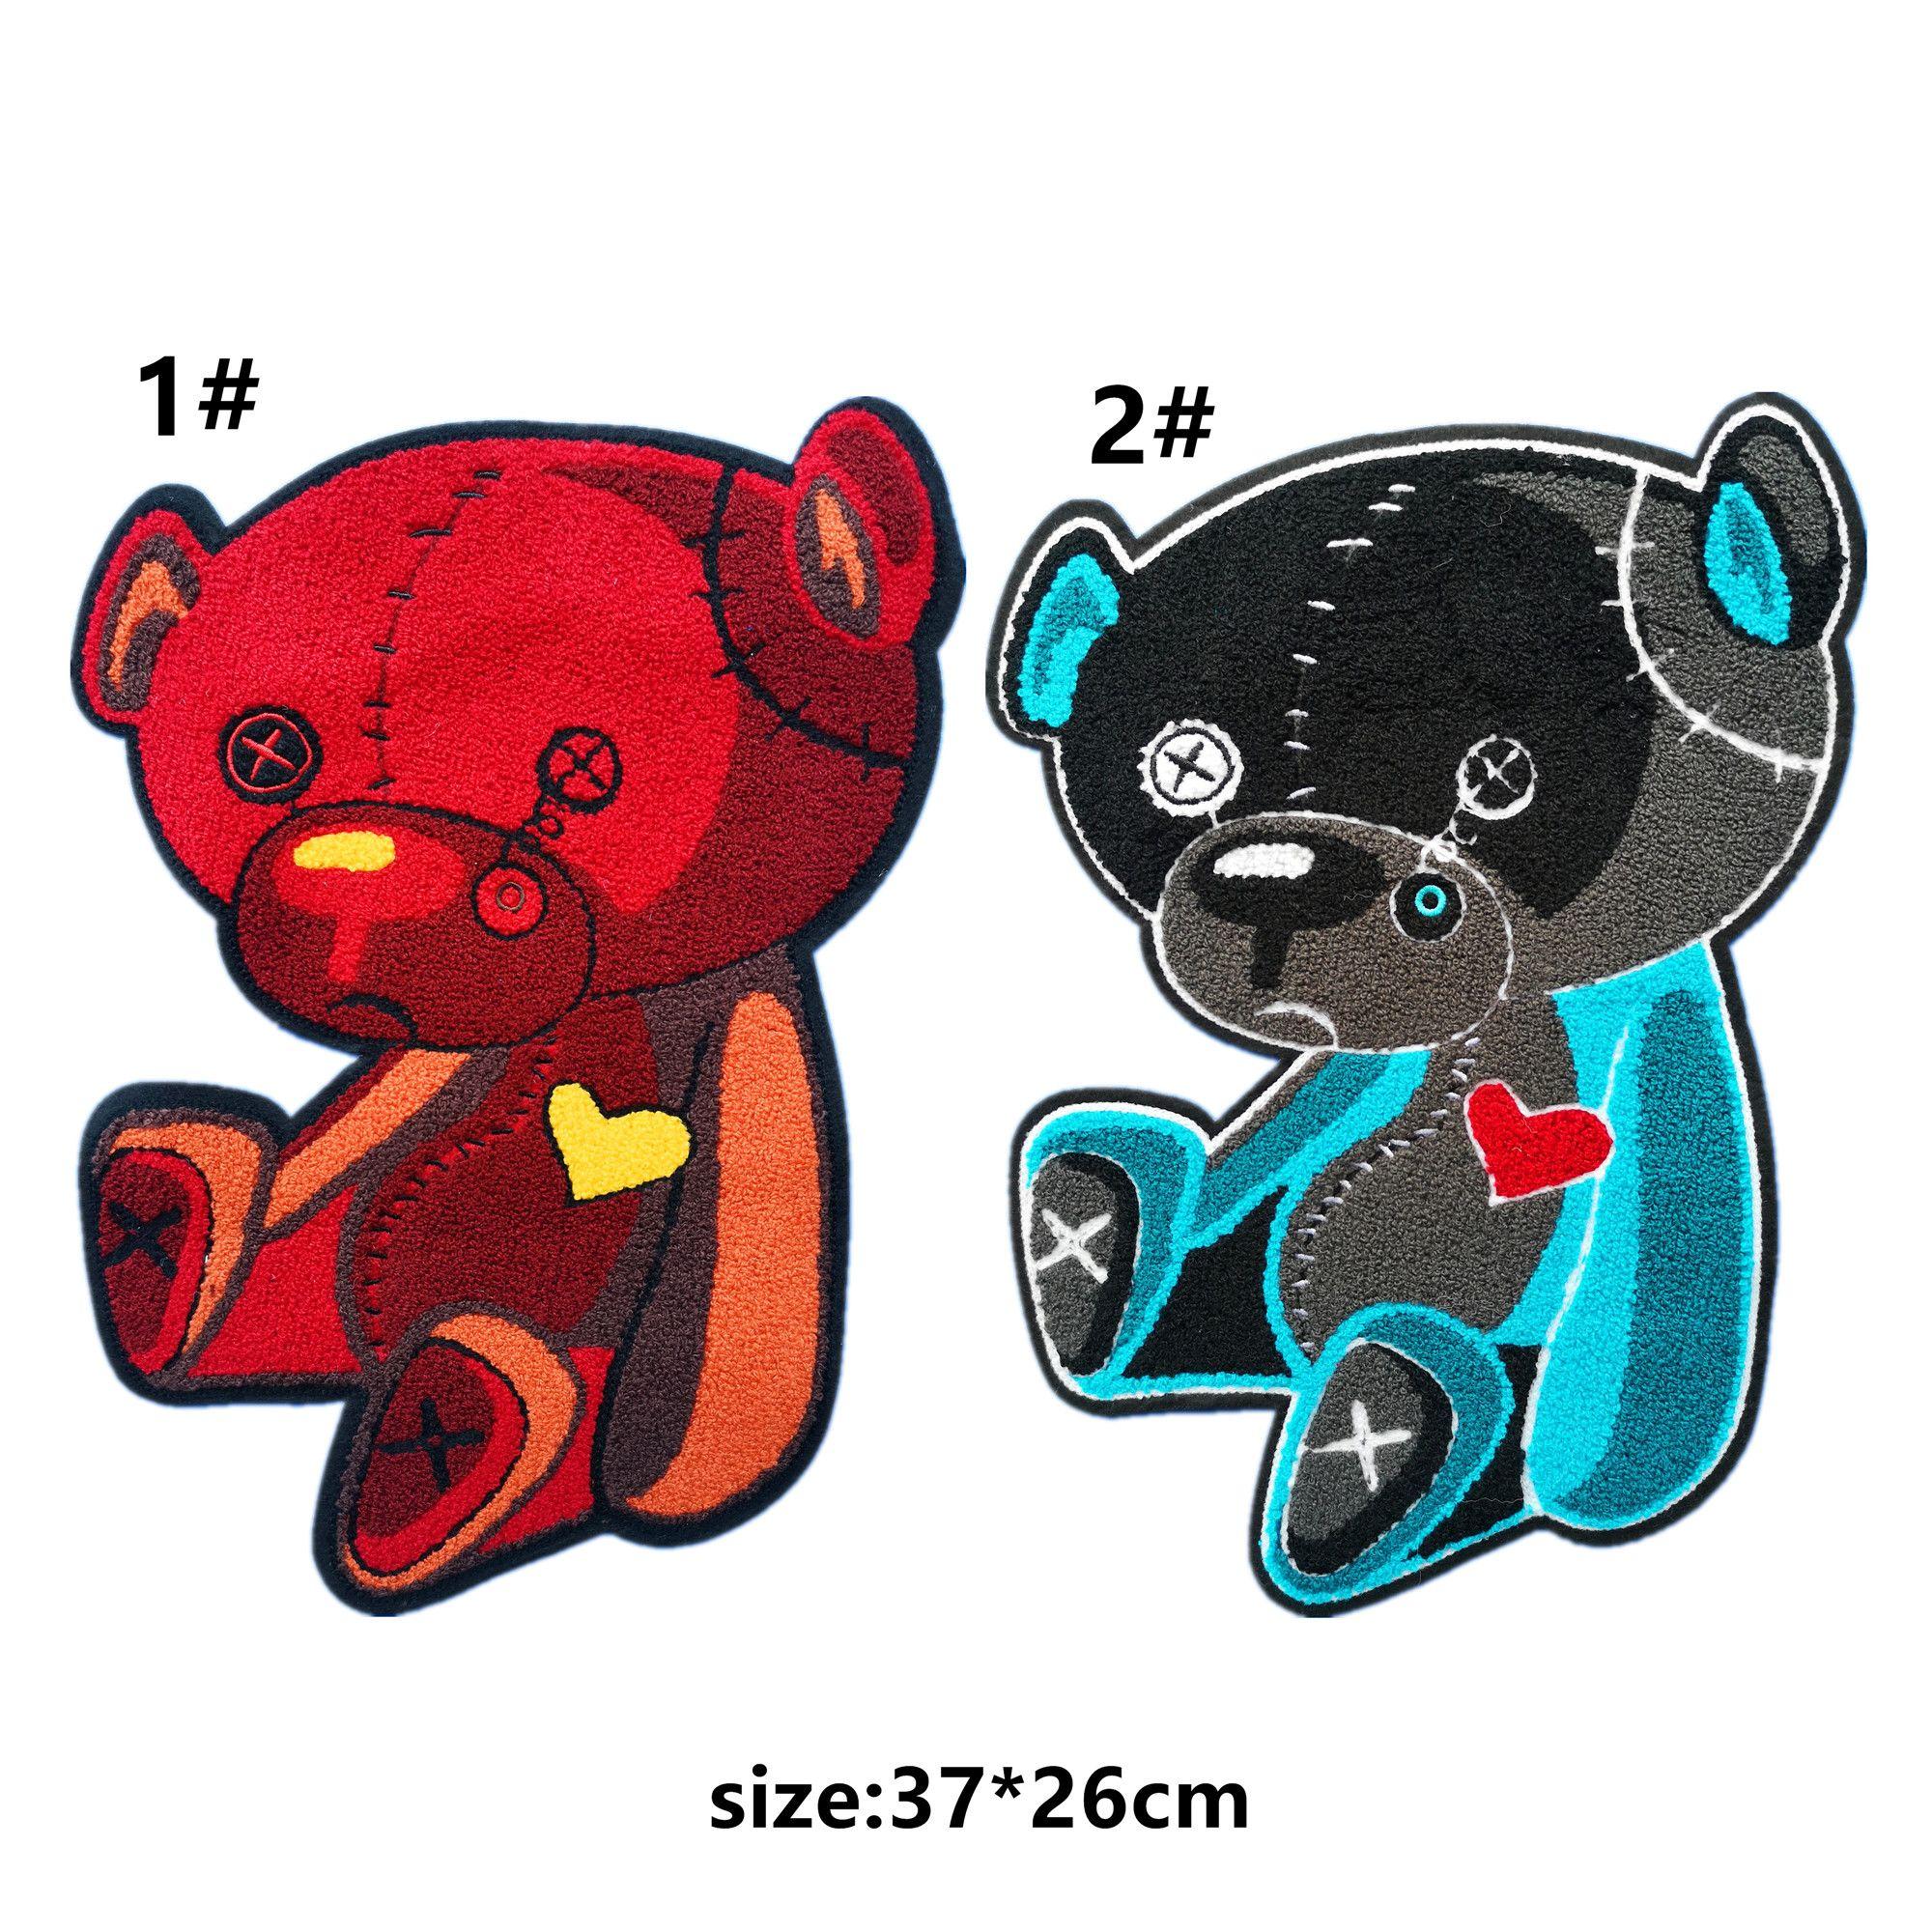 broderie gros patchs coeur ours chenille pour vestes, serviette brodée porte insignes appliques pour jeans, correctifs pour vêtements A171